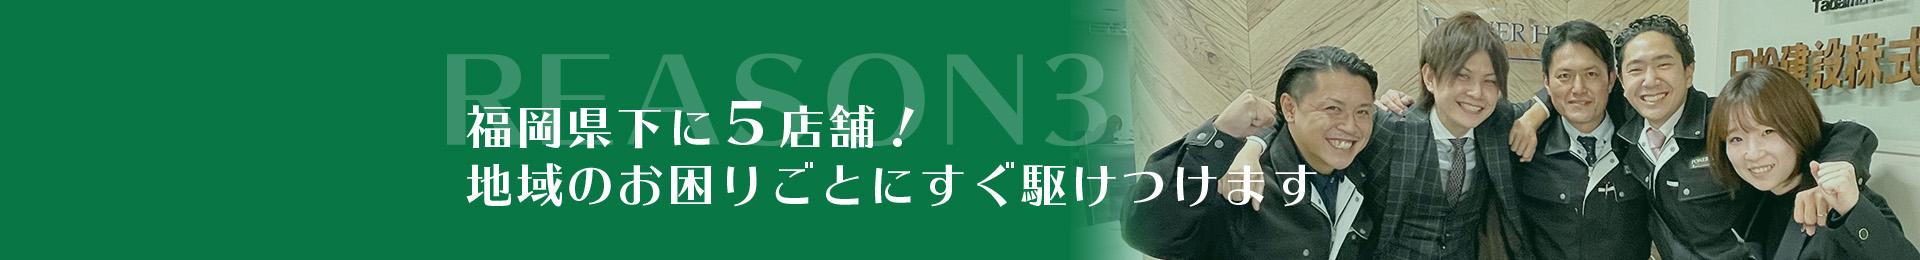 REASON3福岡県下に5店舗!地域のお困りごとにすぐ駆けつけます